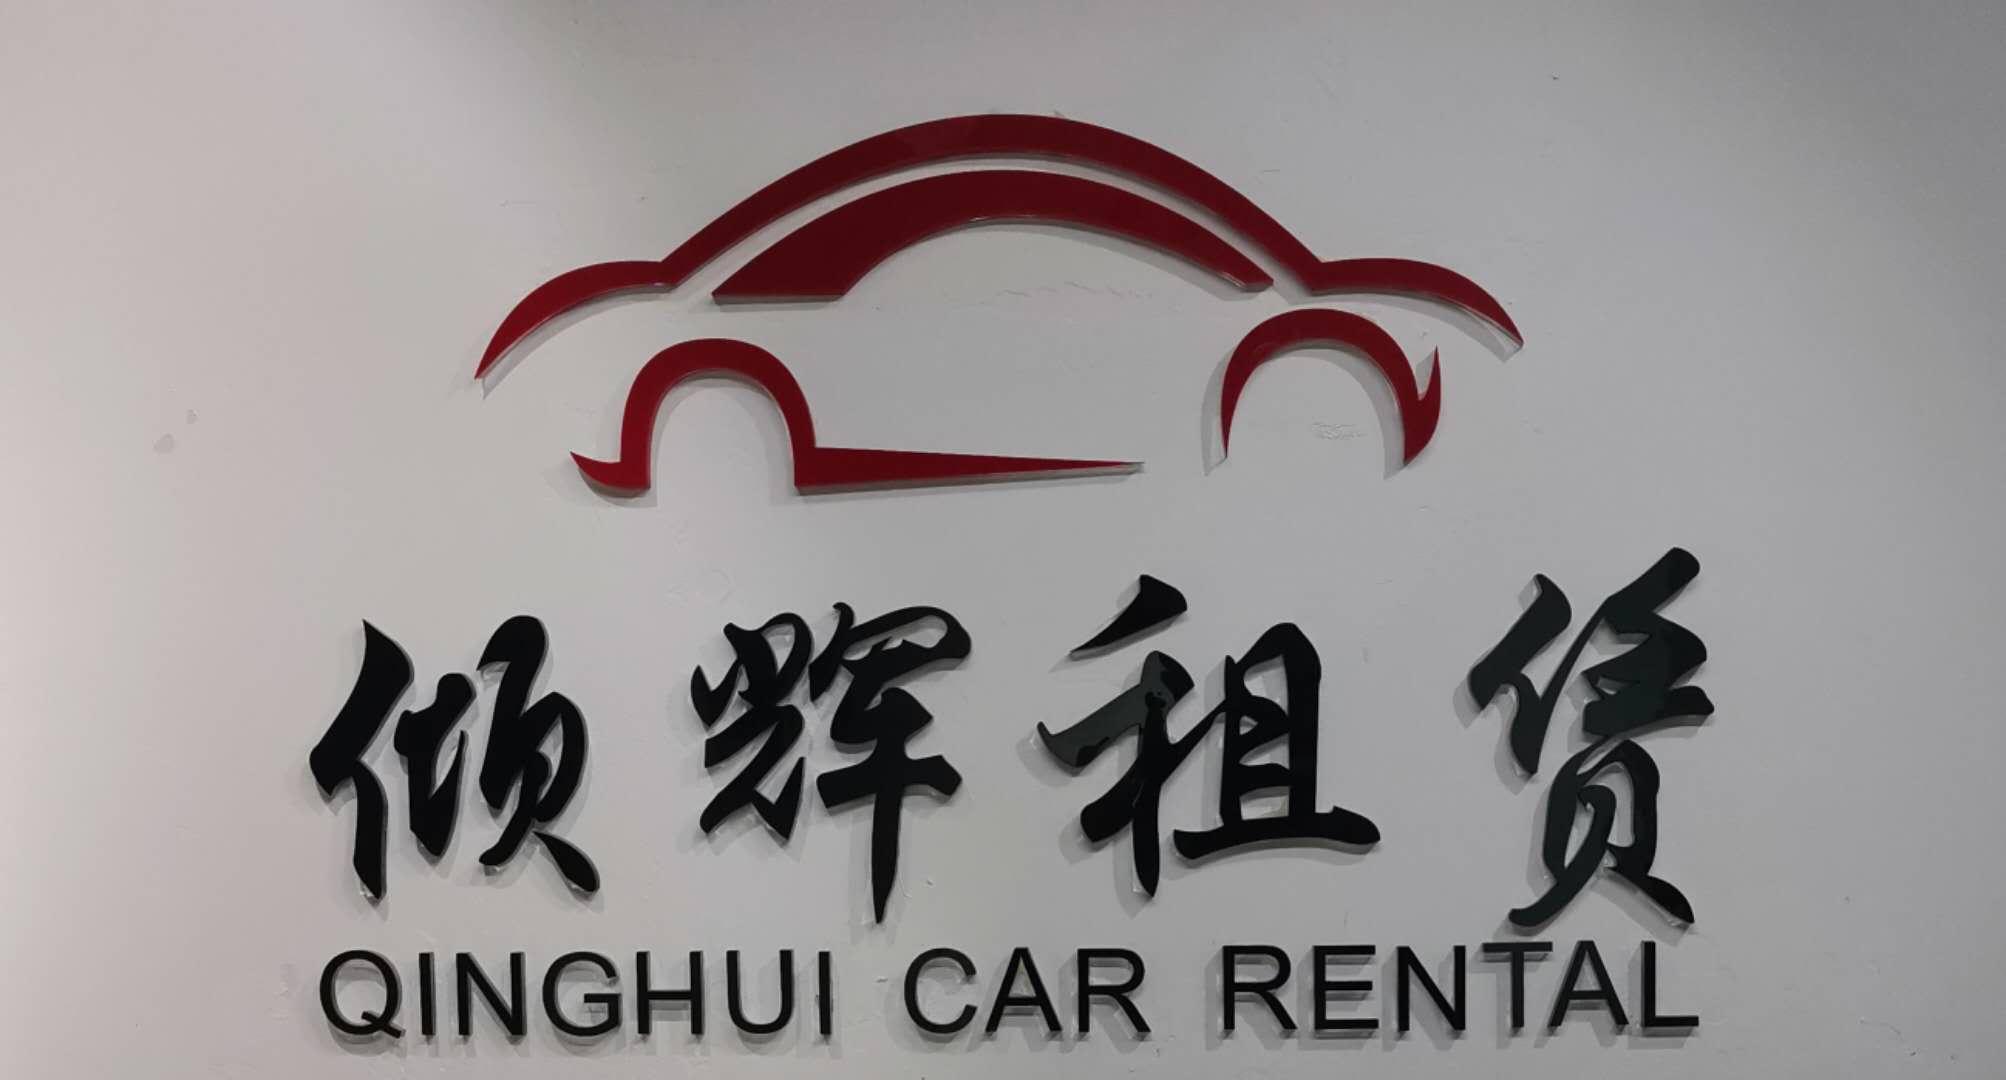 上海倾辉汽车租赁有限公司